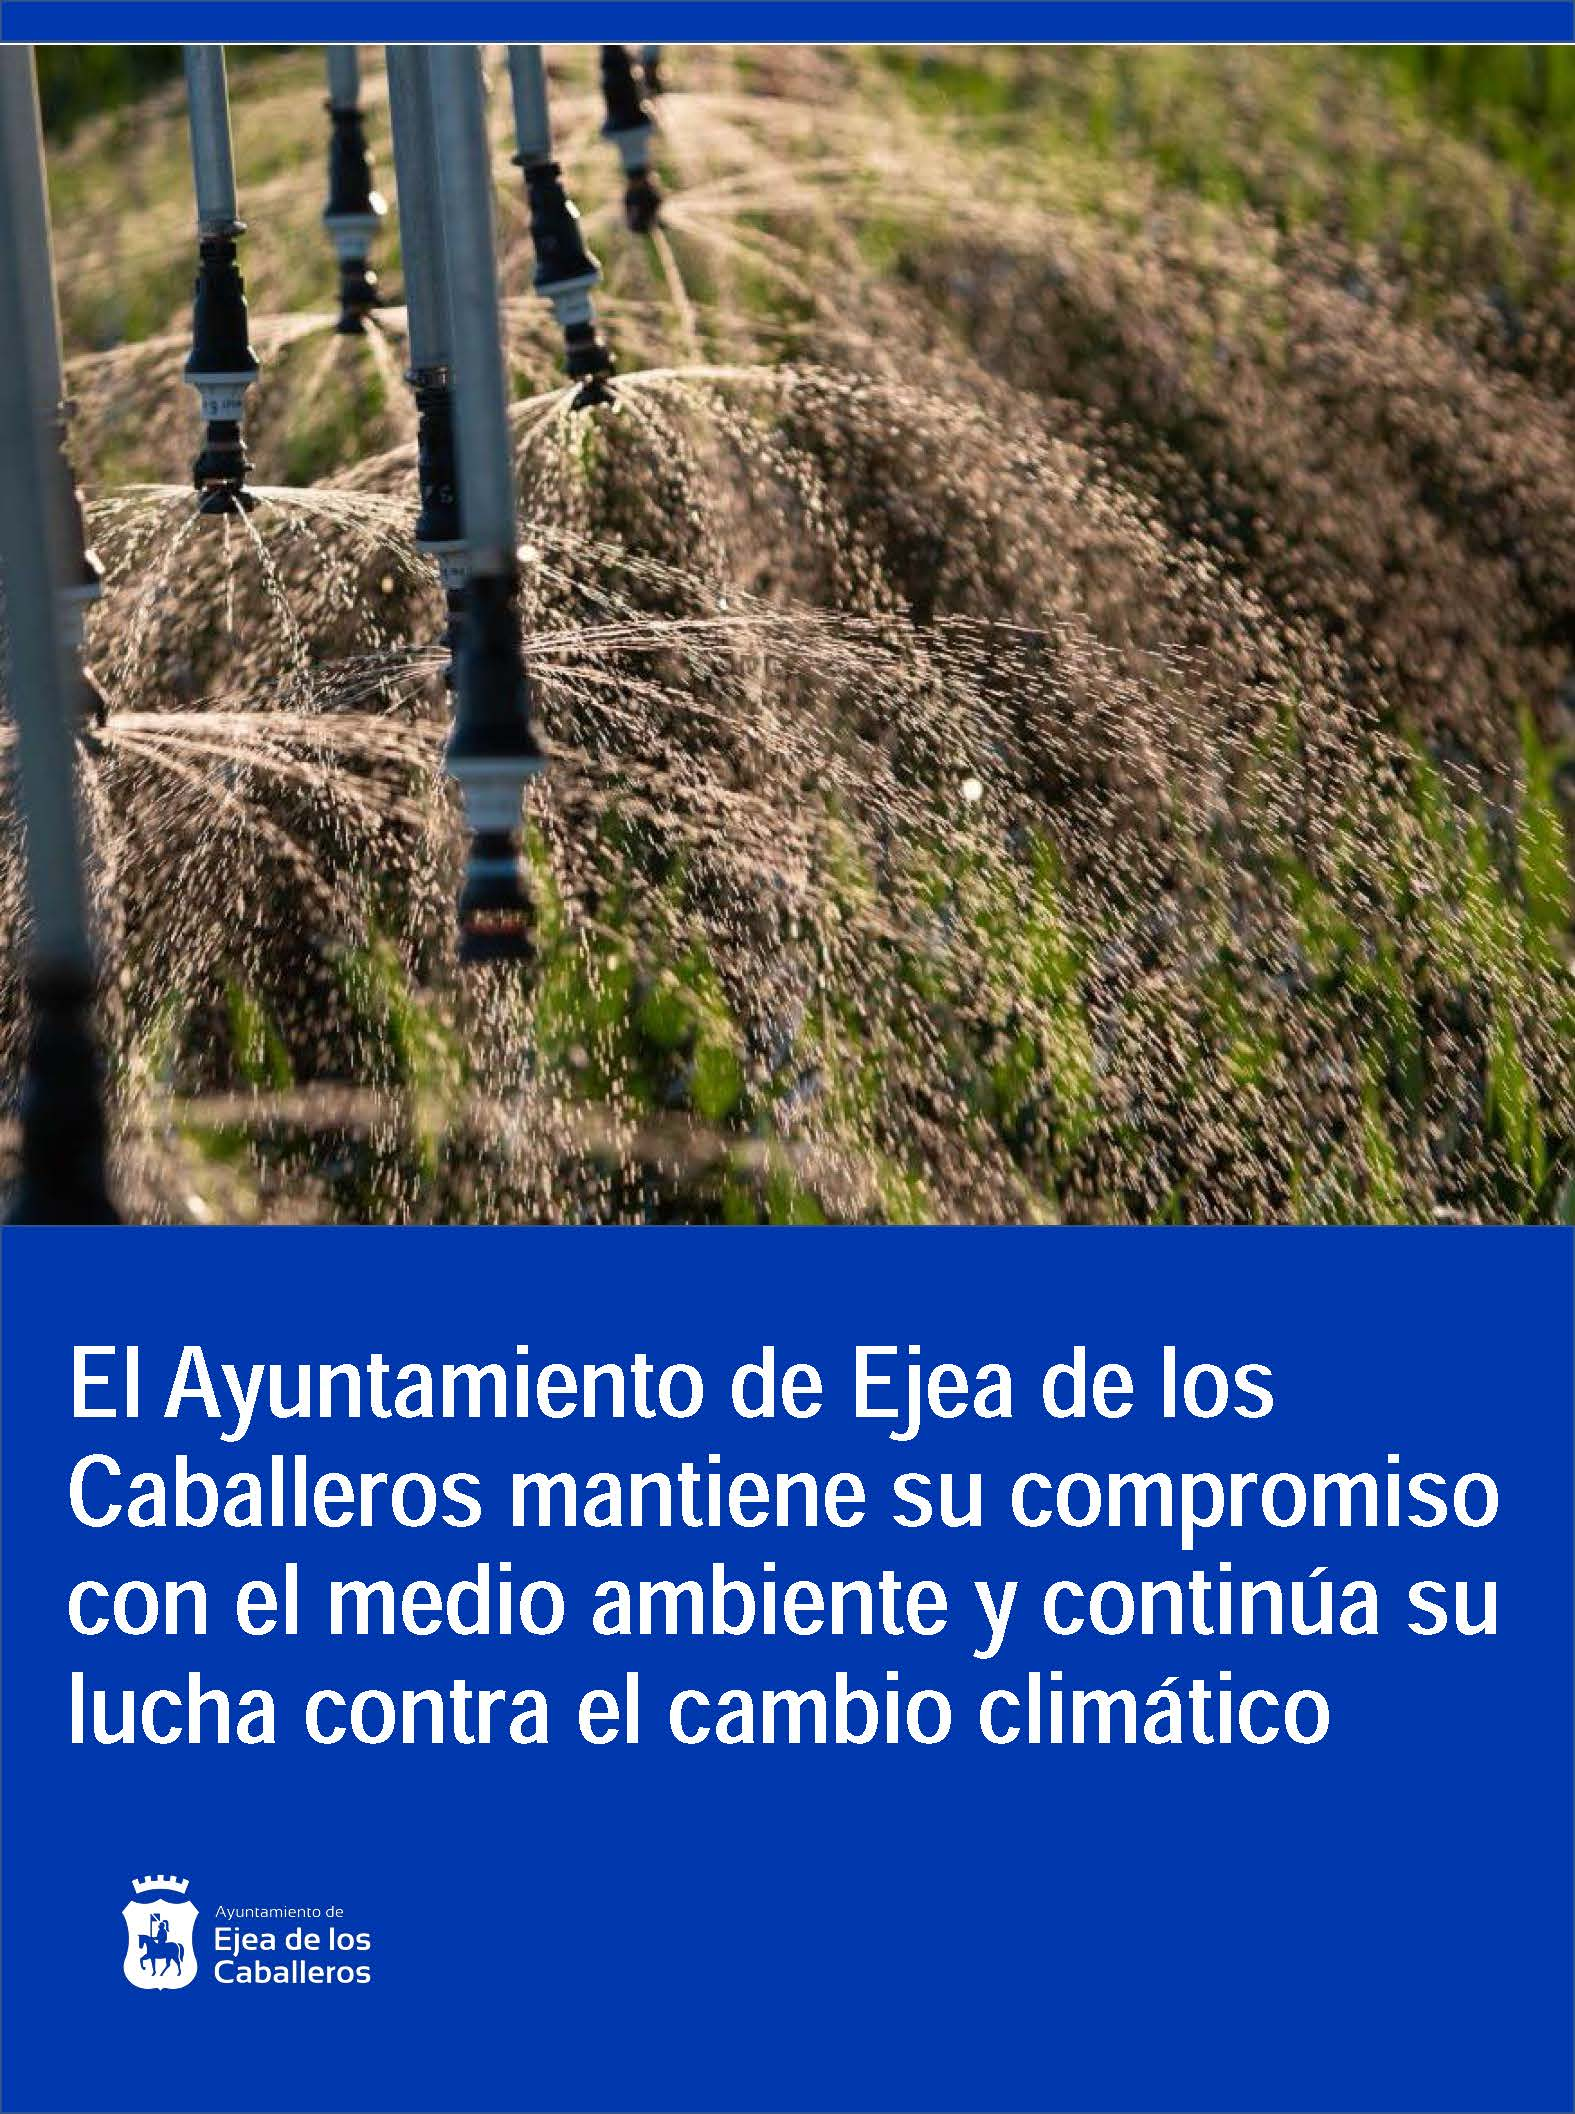 El Ayuntamiento de Ejea de los Caballeros mantiene su compromiso con el medio ambiente y continúa su lucha contra el cambio climático